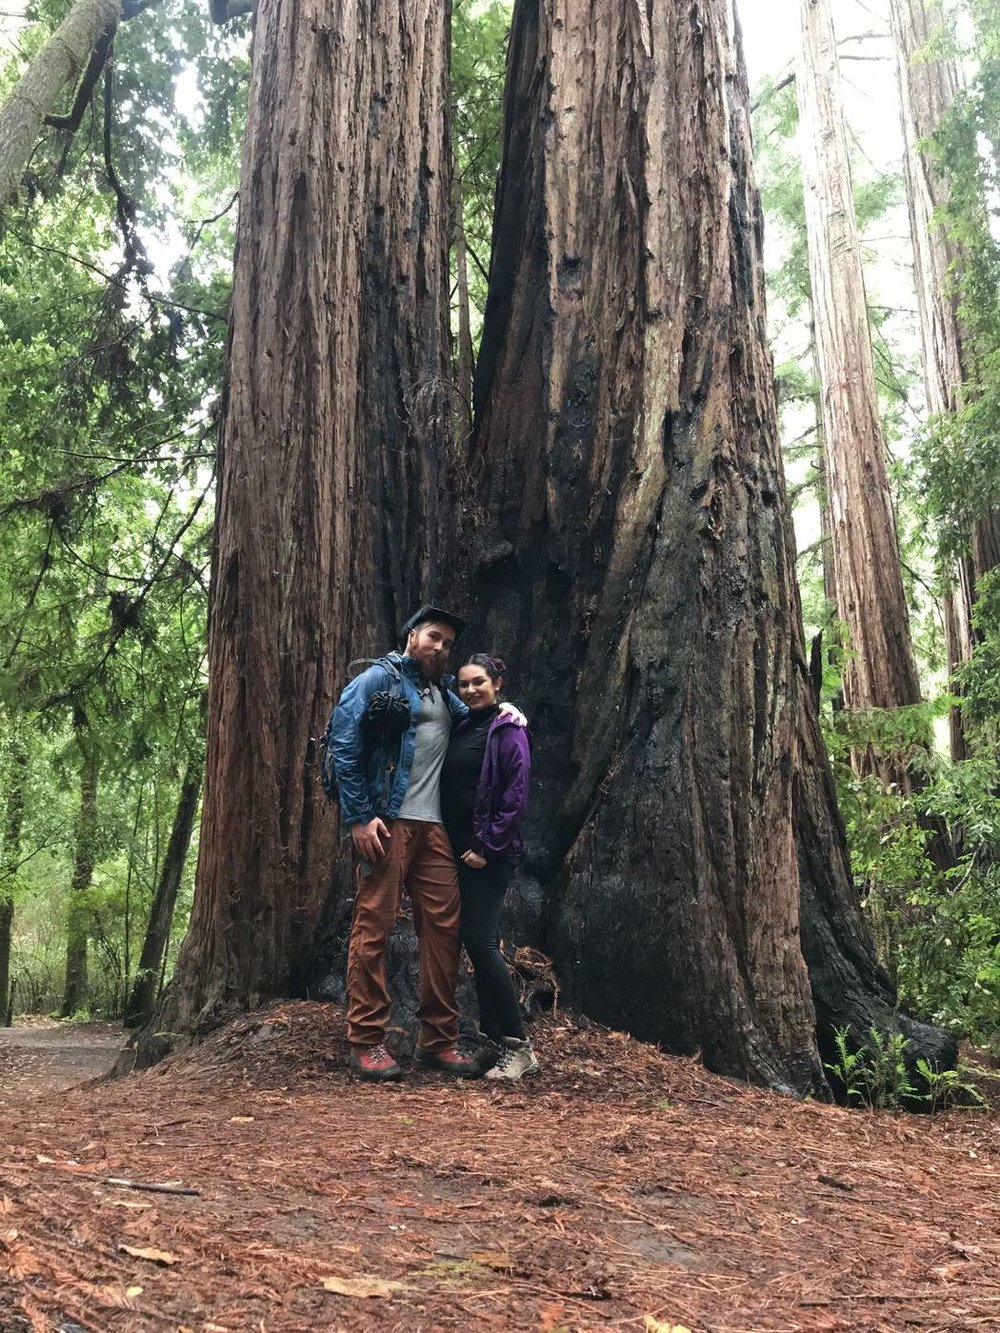 Hiking among the Redwoods